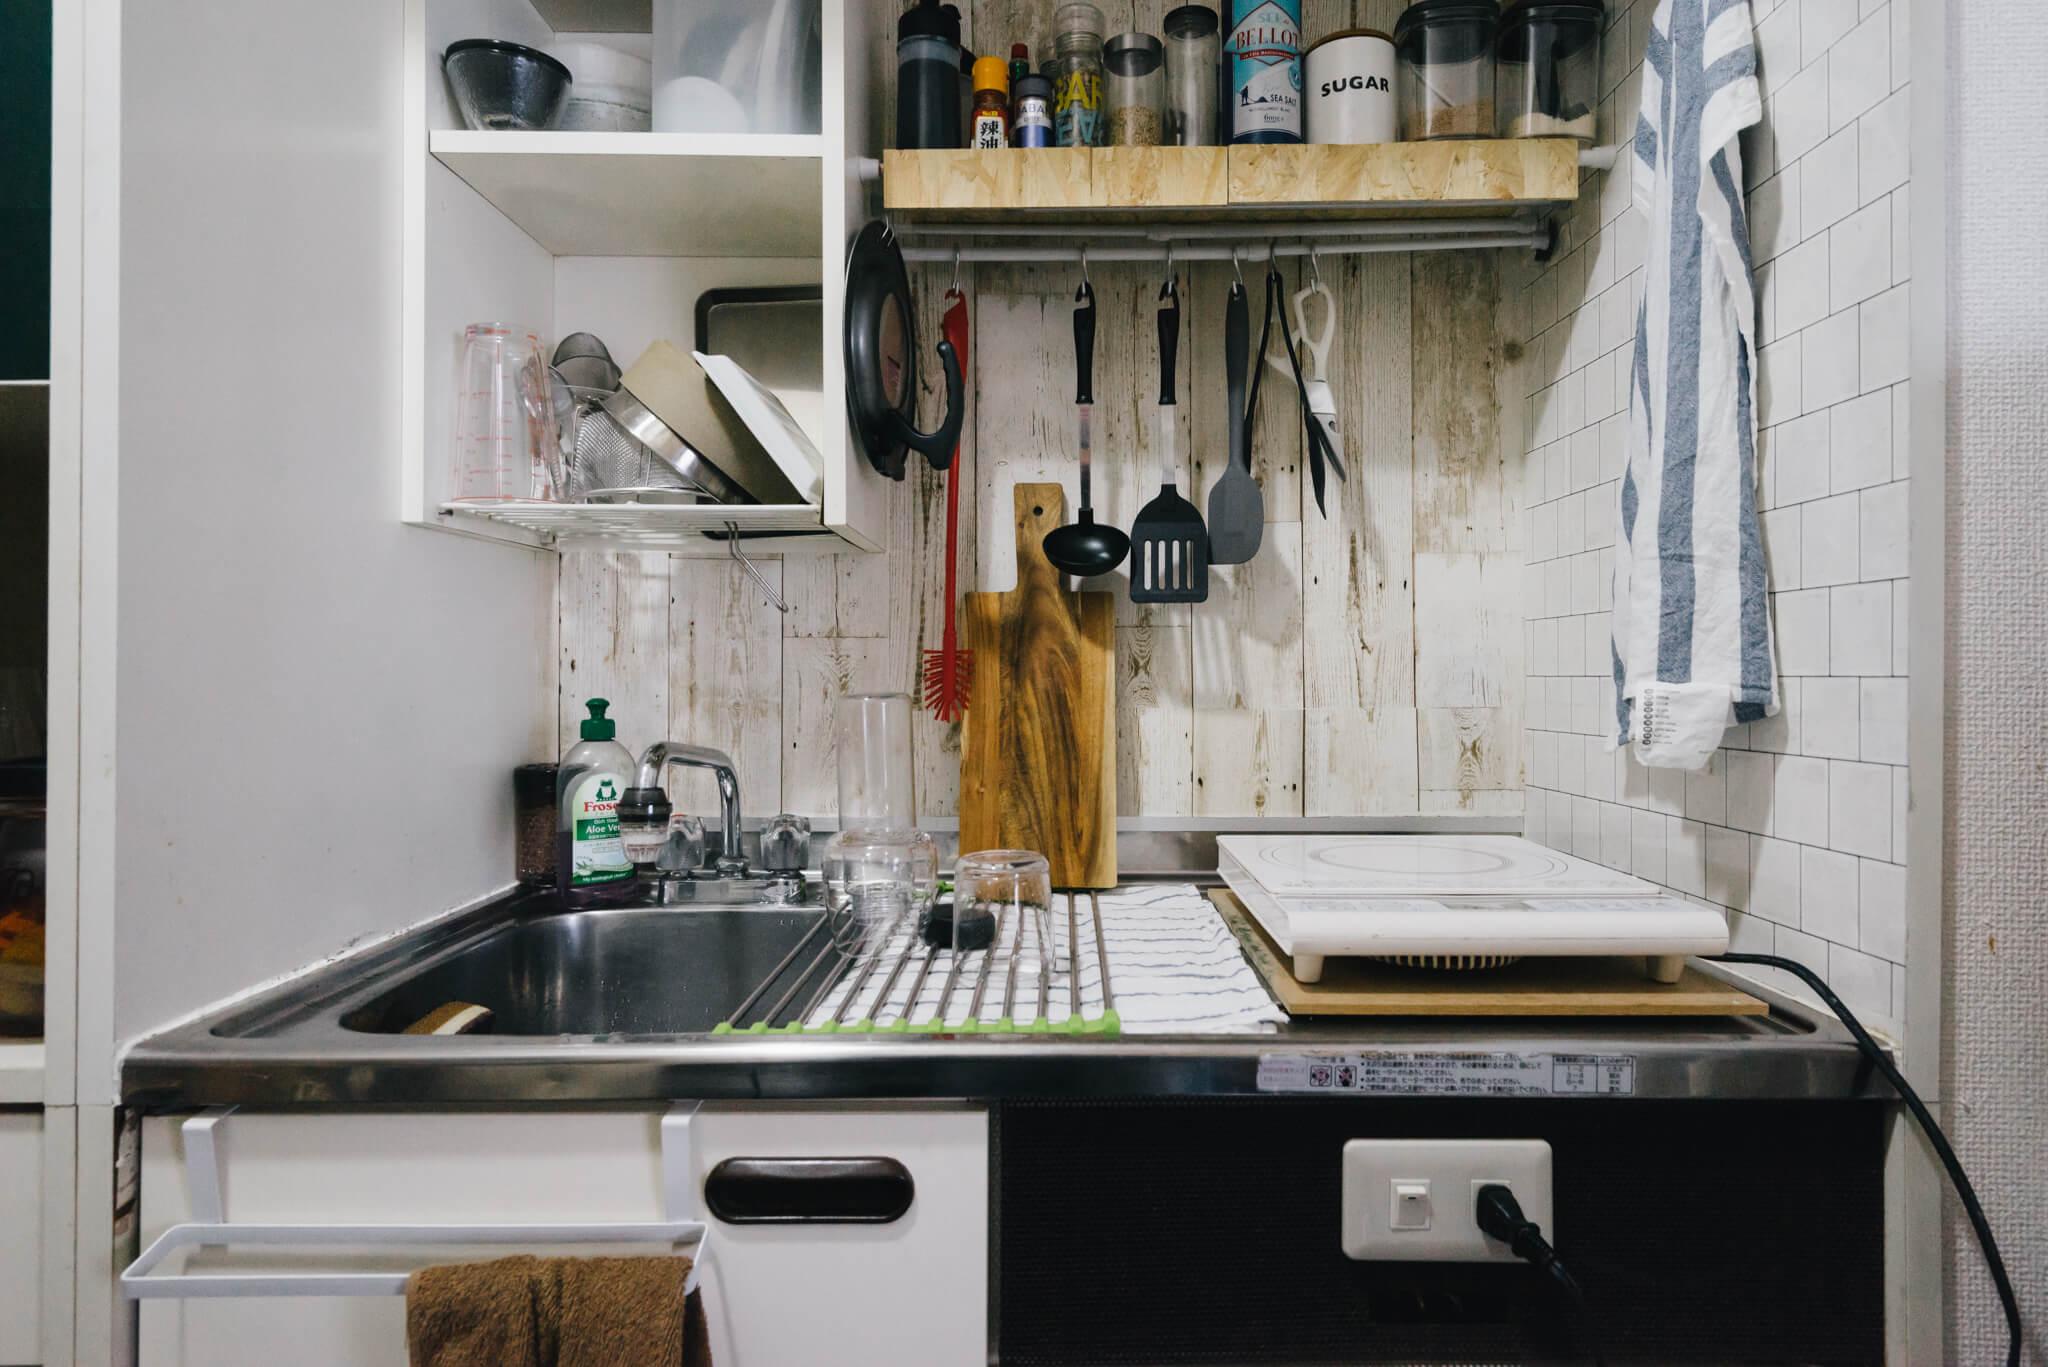 キッチンは、もともと付いていた棚と壁の間に突っ張り棒を2本取り付け、その上に板を置いて棚に。突っ張り棒には色々なものを引っ掛けることもでき、小さくても、しっかり自炊できるスペースになっています。